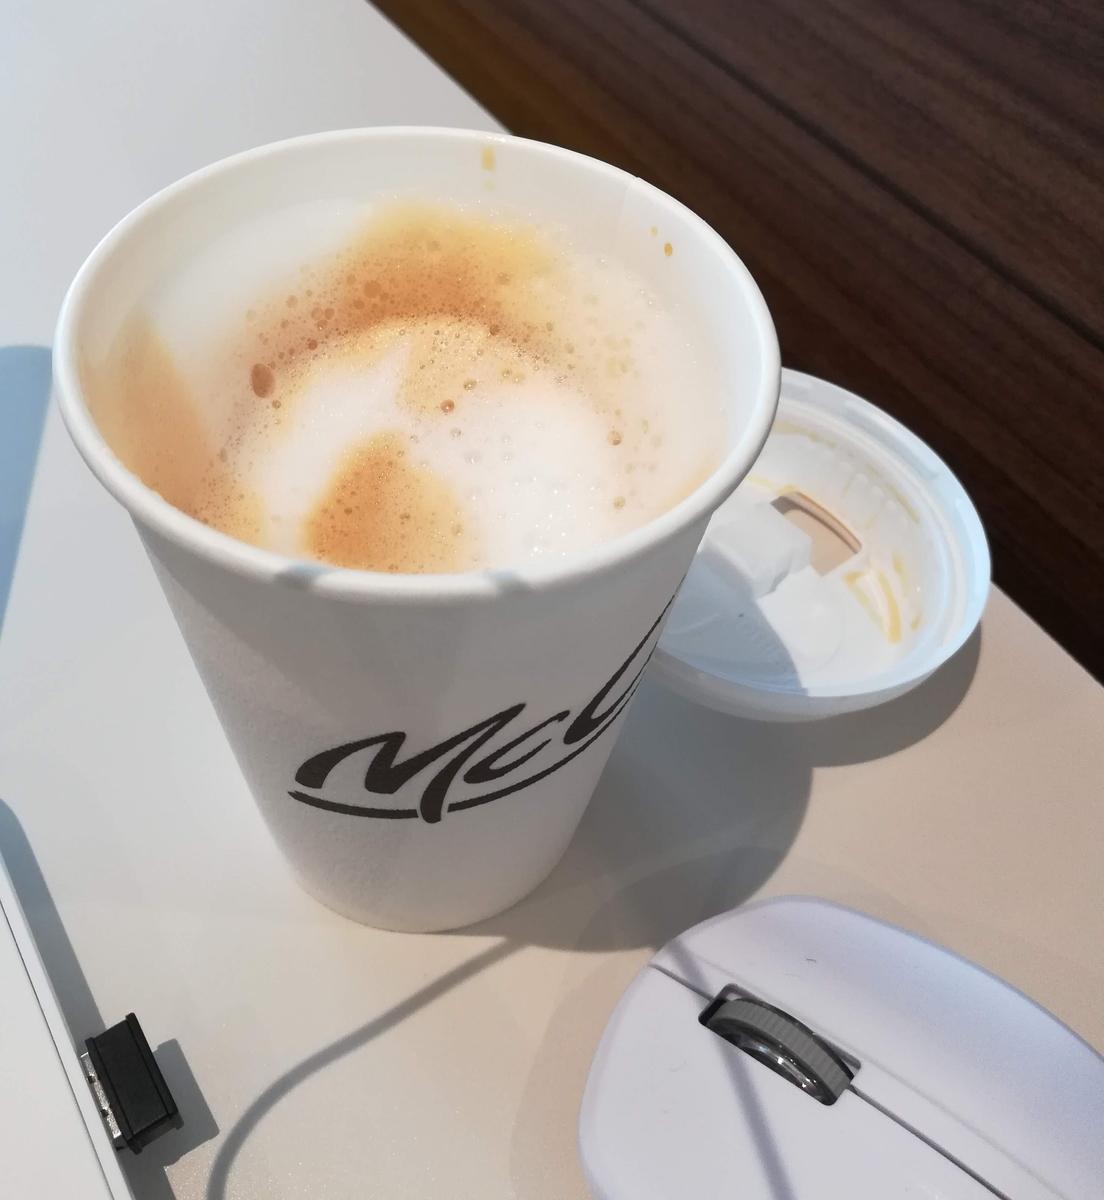 マックのカフェラテはふわっふわのミルクが決め手!